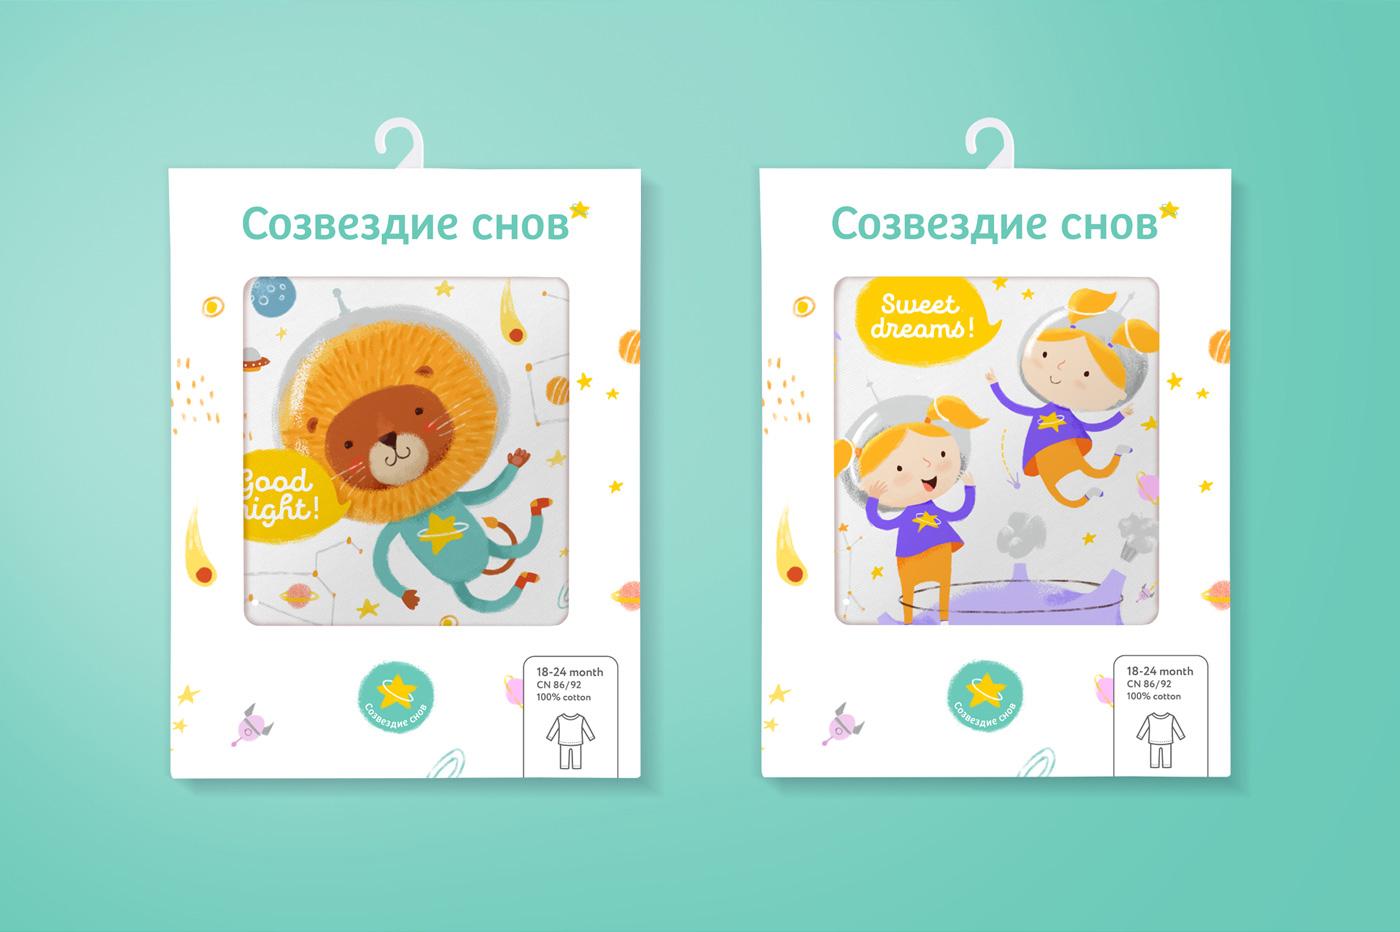 Концепция дизайна упаковки «Созвездие снов»